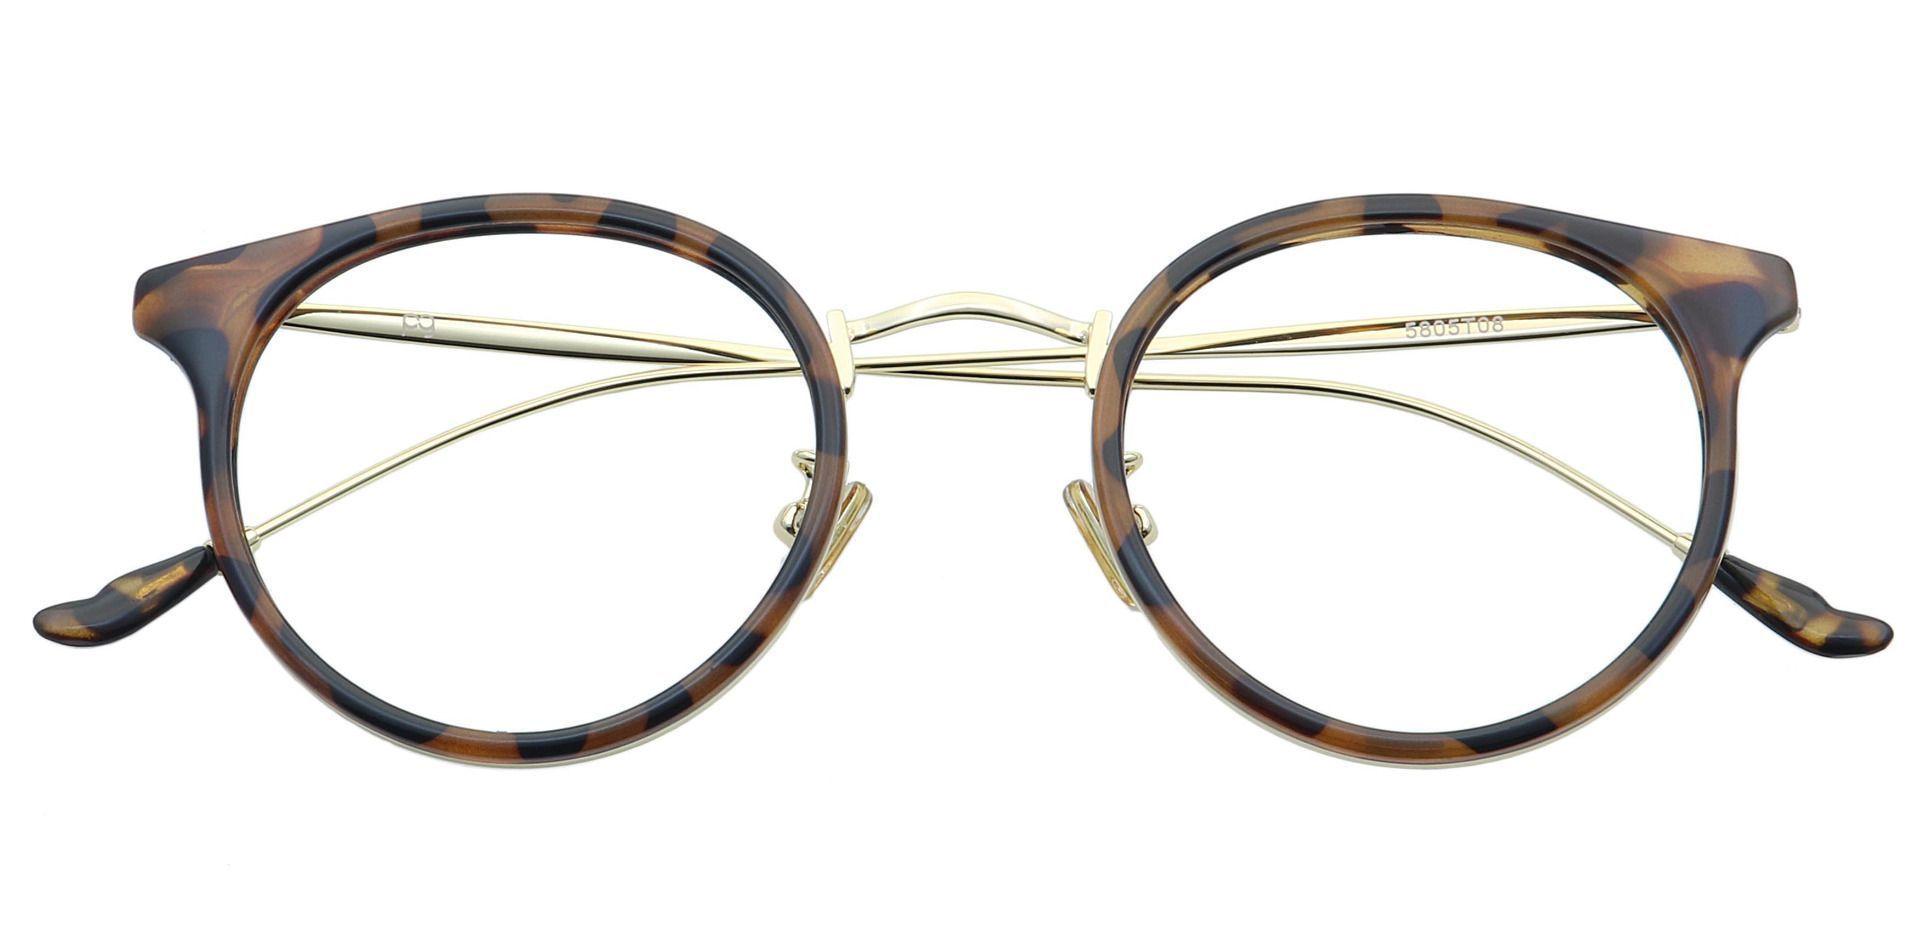 Schenley Round Blue Light Blocking Glasses - Tortoise